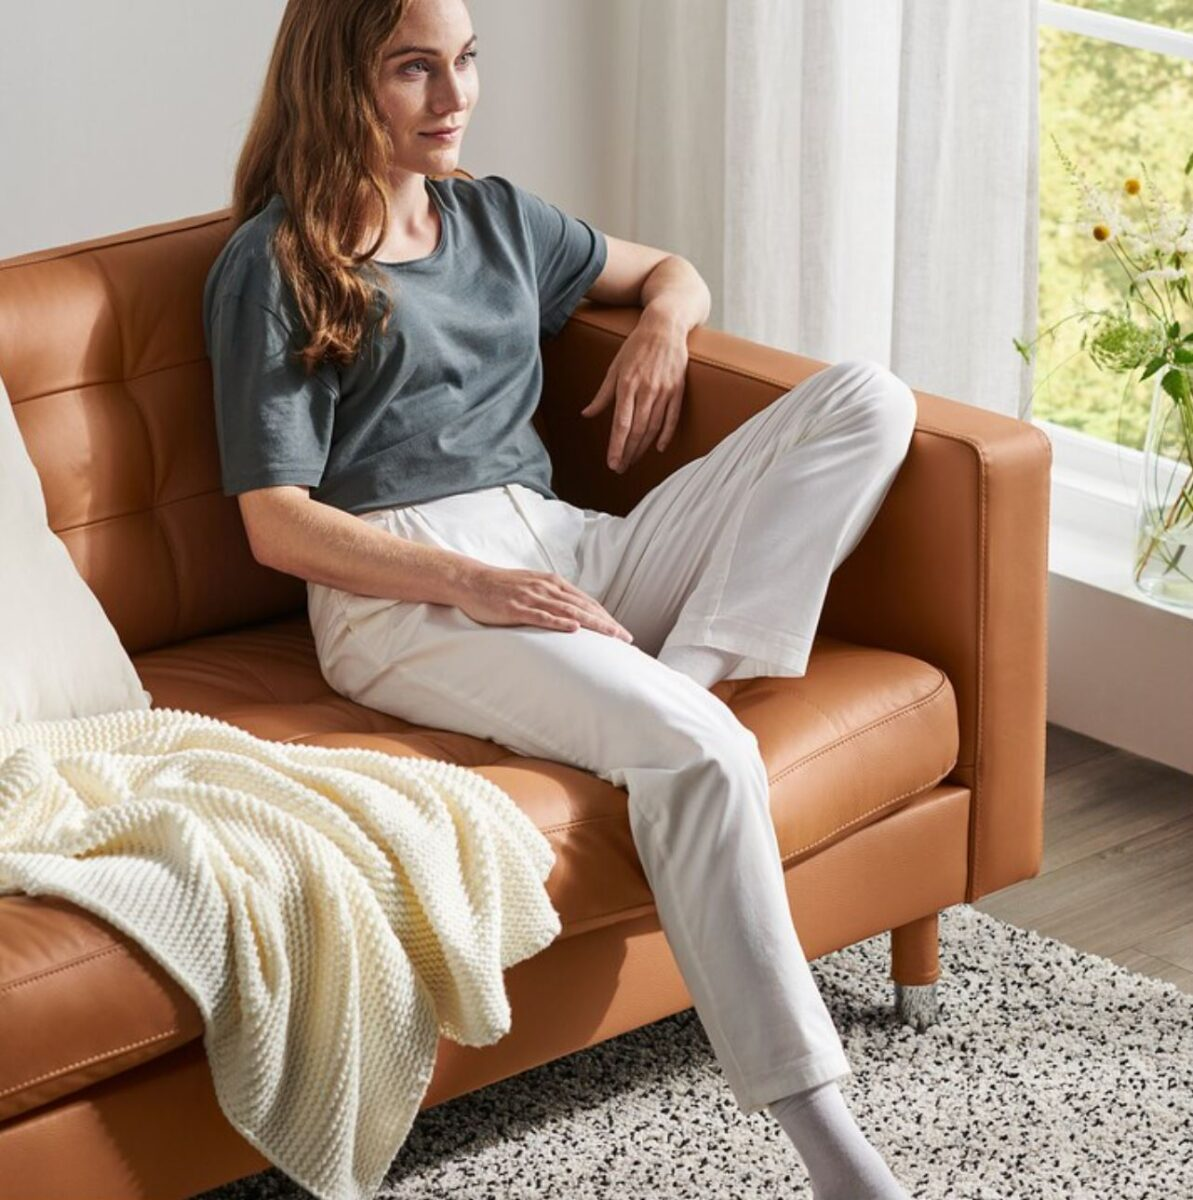 Ikea catalogo divani letto: la collezione per tutti gli stili della casa